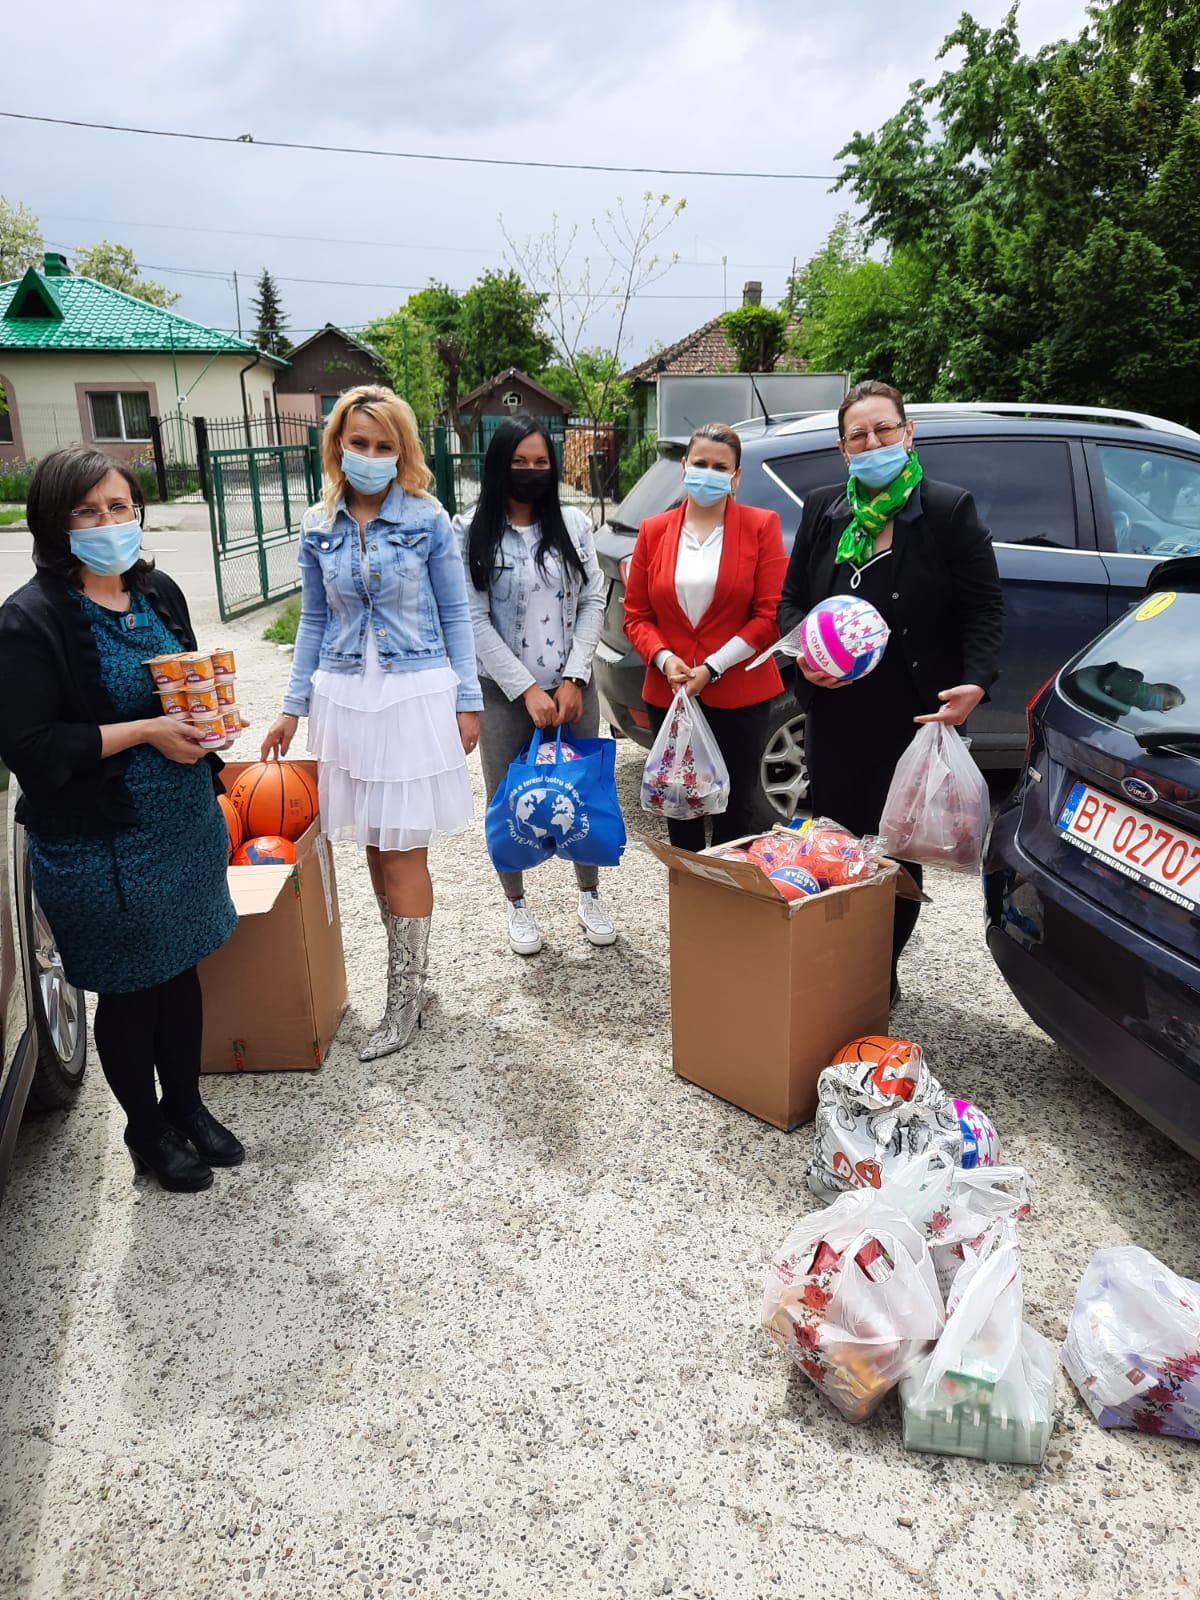 FOTO/  Social-democrații au oferit copiilor surprize dulci de ziua lor